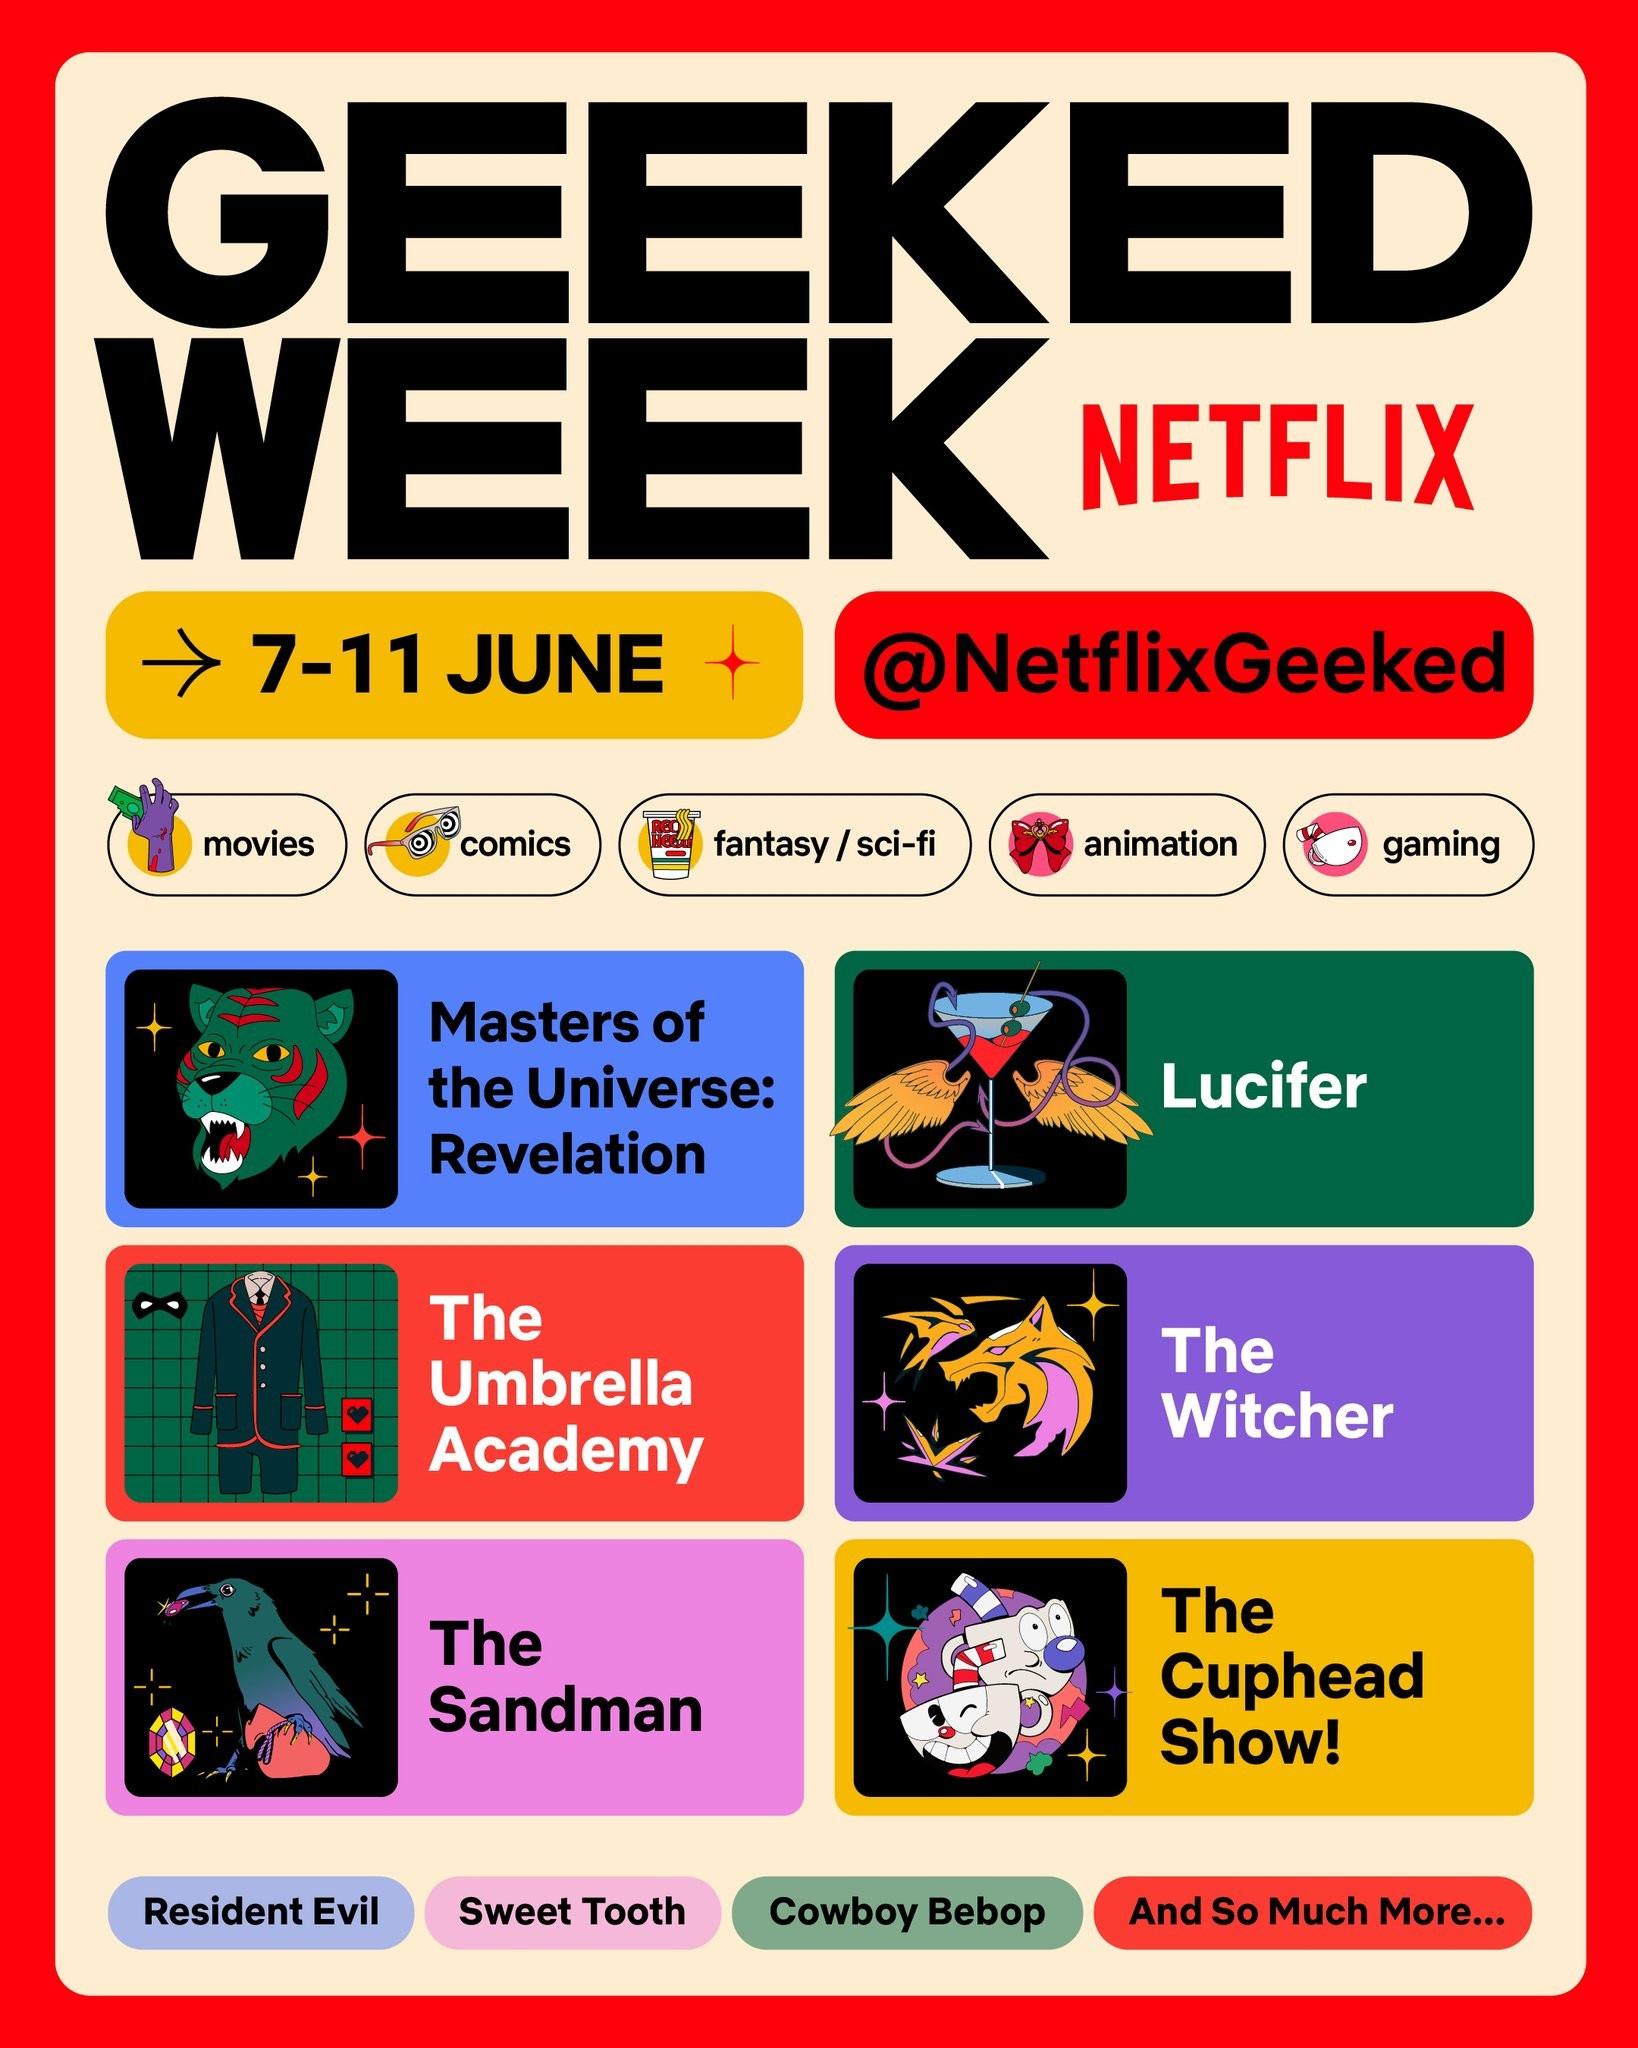 Netflix 11 июня 19:00 МСК проведет специальную трансляцию, посвященную проектам, связанных с играми